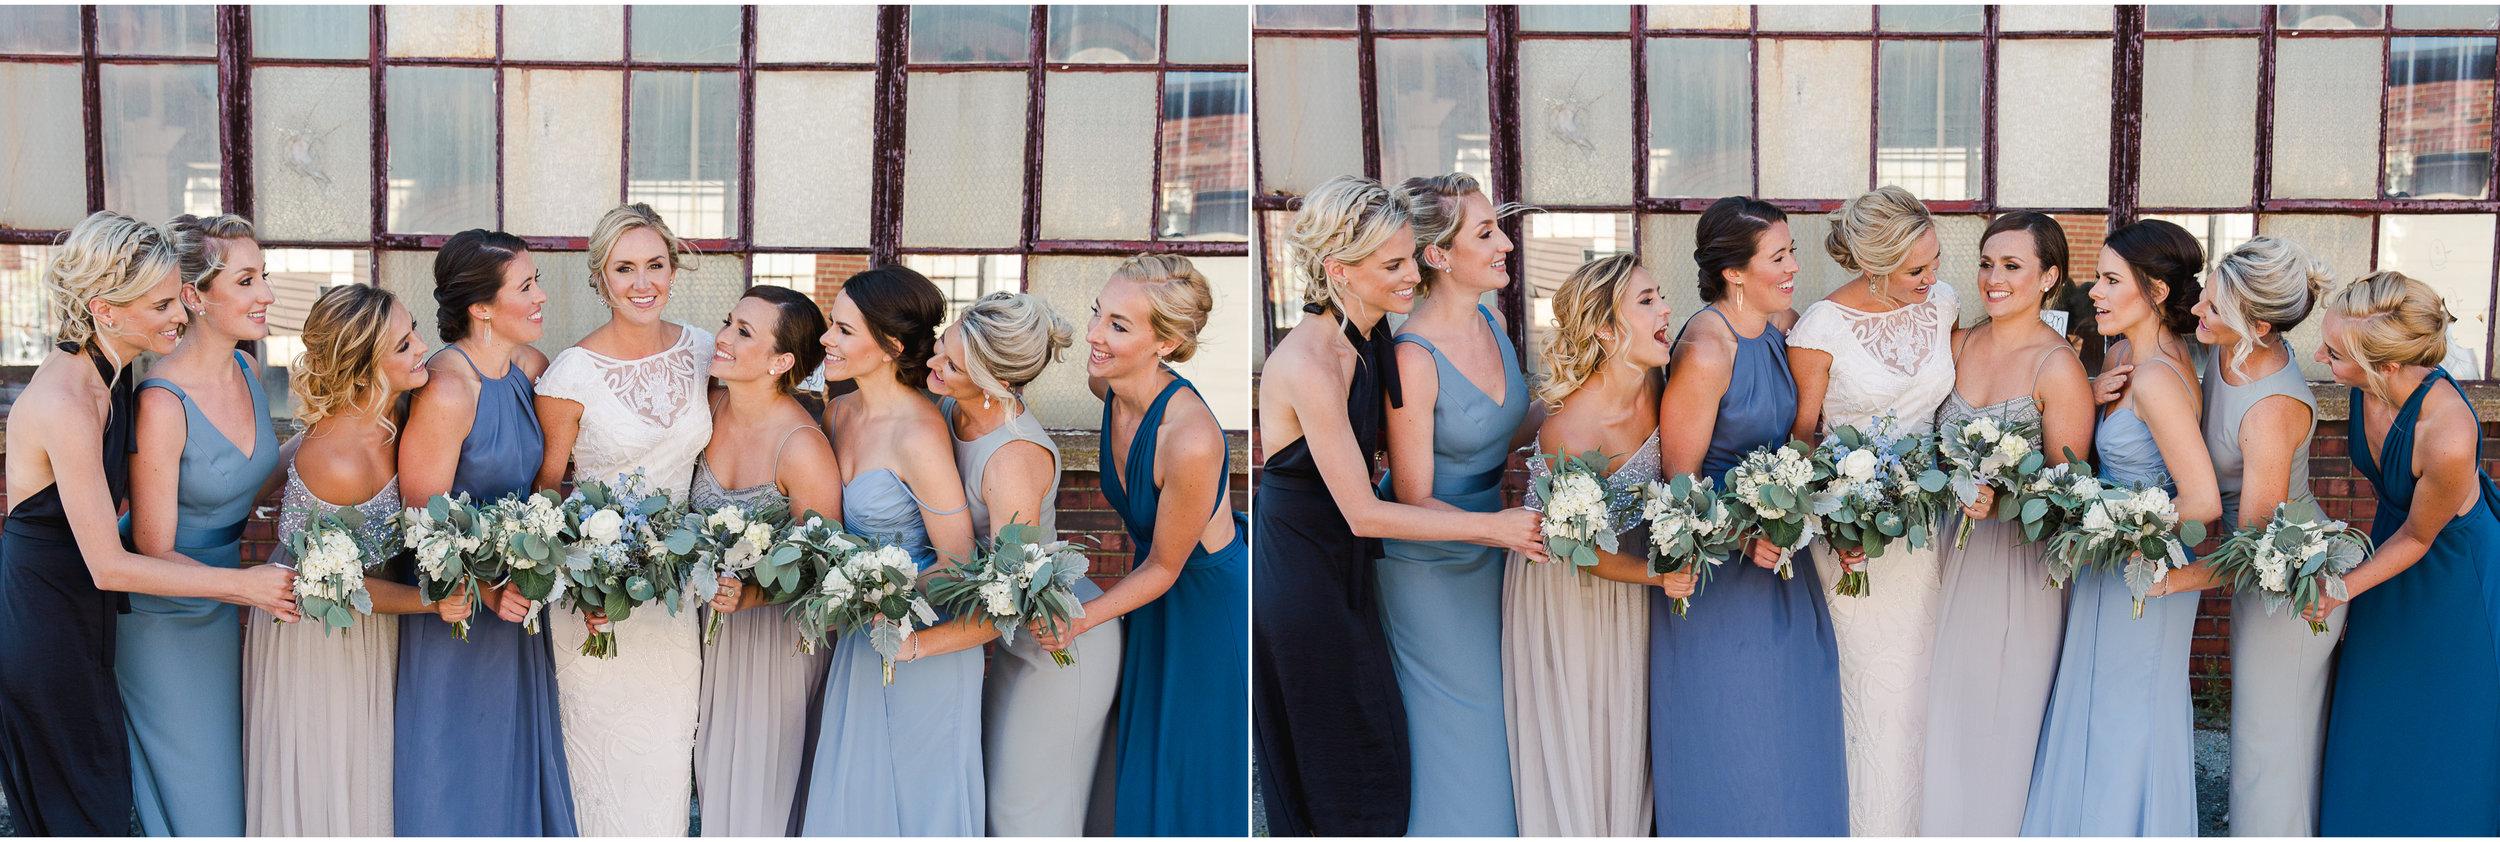 Portland, Maine Wedding at Ocean Gateway 25.jpg